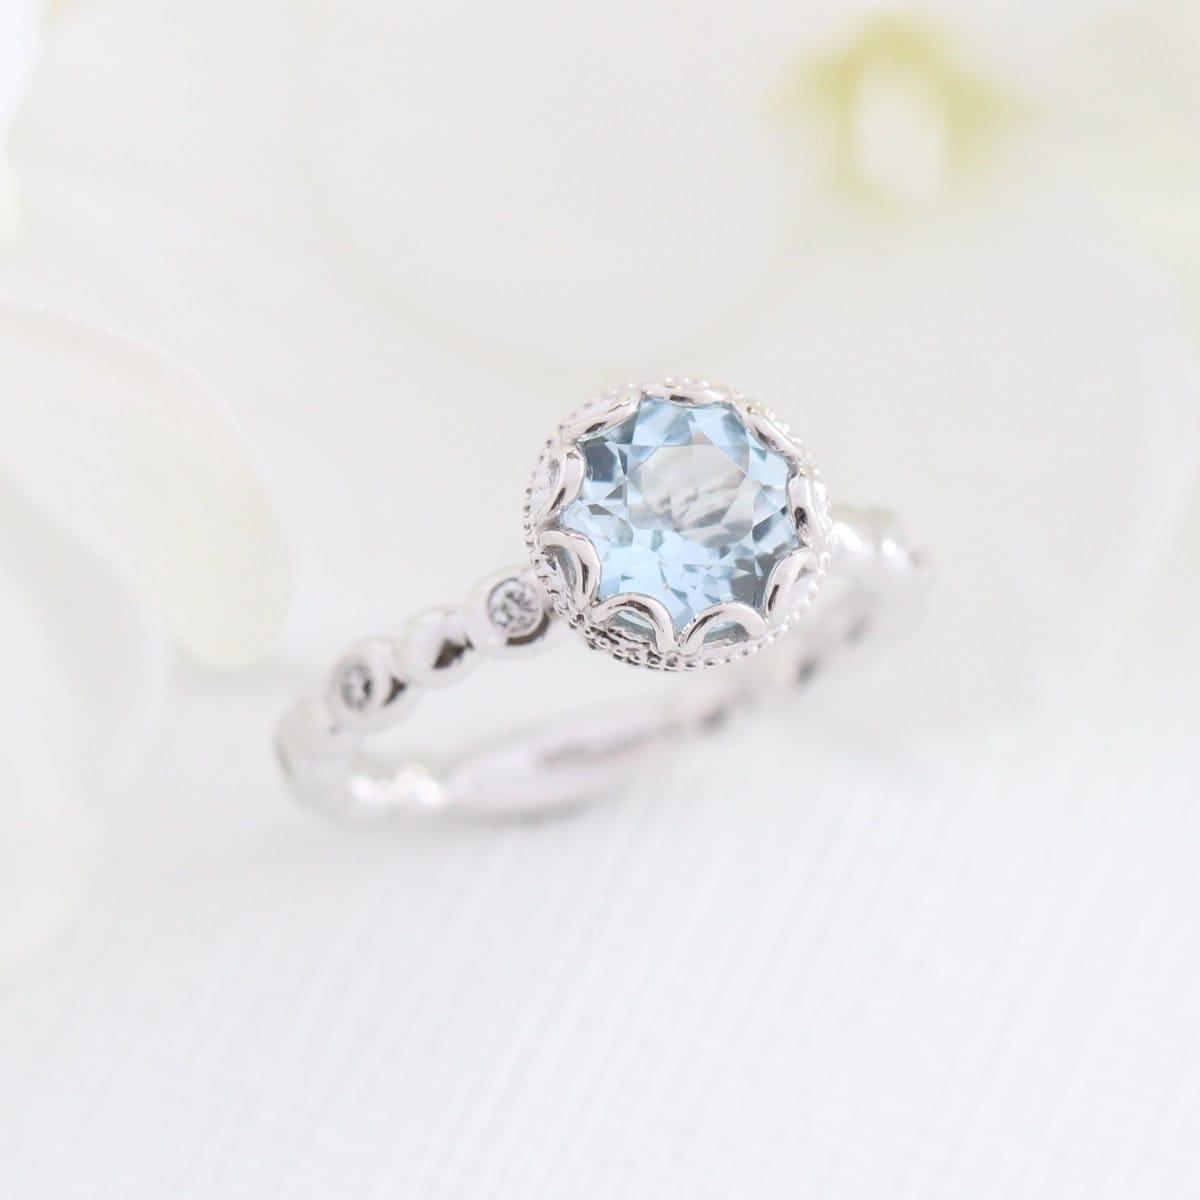 floral aquamarine engagement ring in 14k white gold. Black Bedroom Furniture Sets. Home Design Ideas